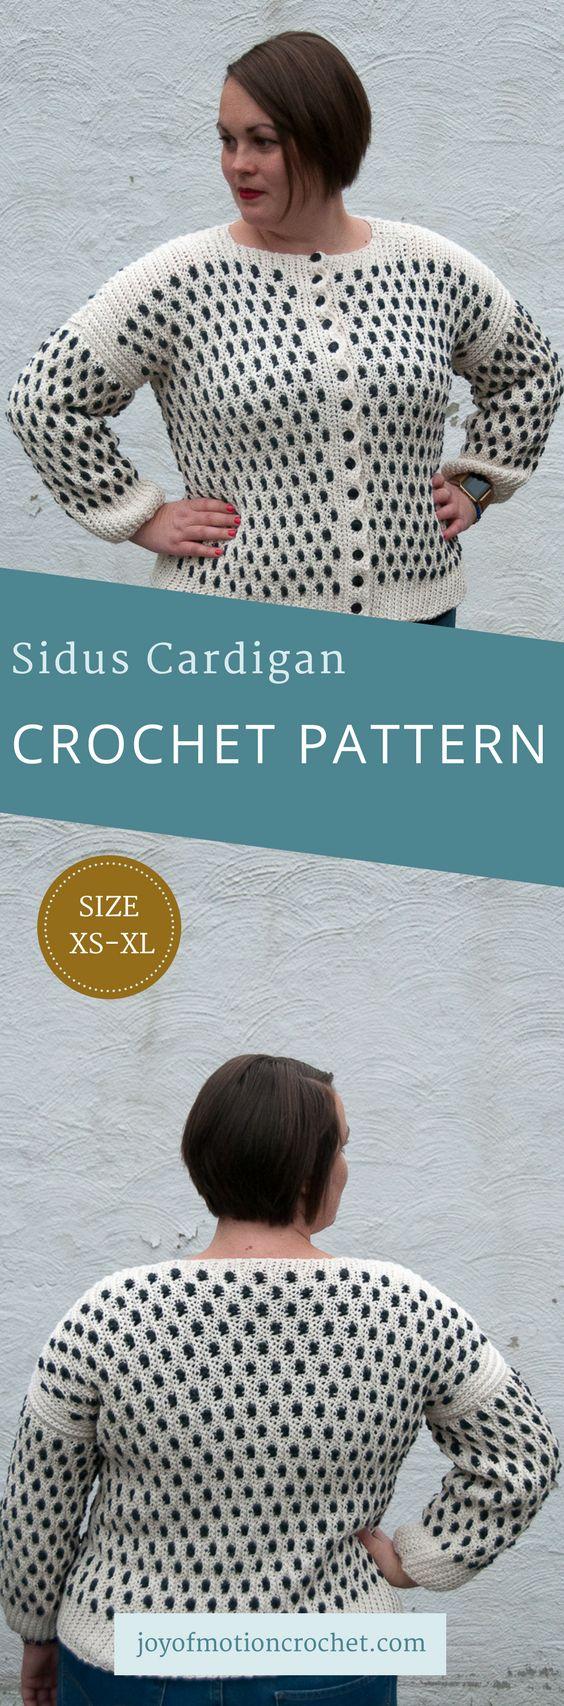 Crochet cardigan. Cardigan crochet pattern. Crochet garment. Crochet clothing. Intermediate crochet pattern.  #crochetpattern #crochet #crochetcardigan #crochetgarment #crochetwrap